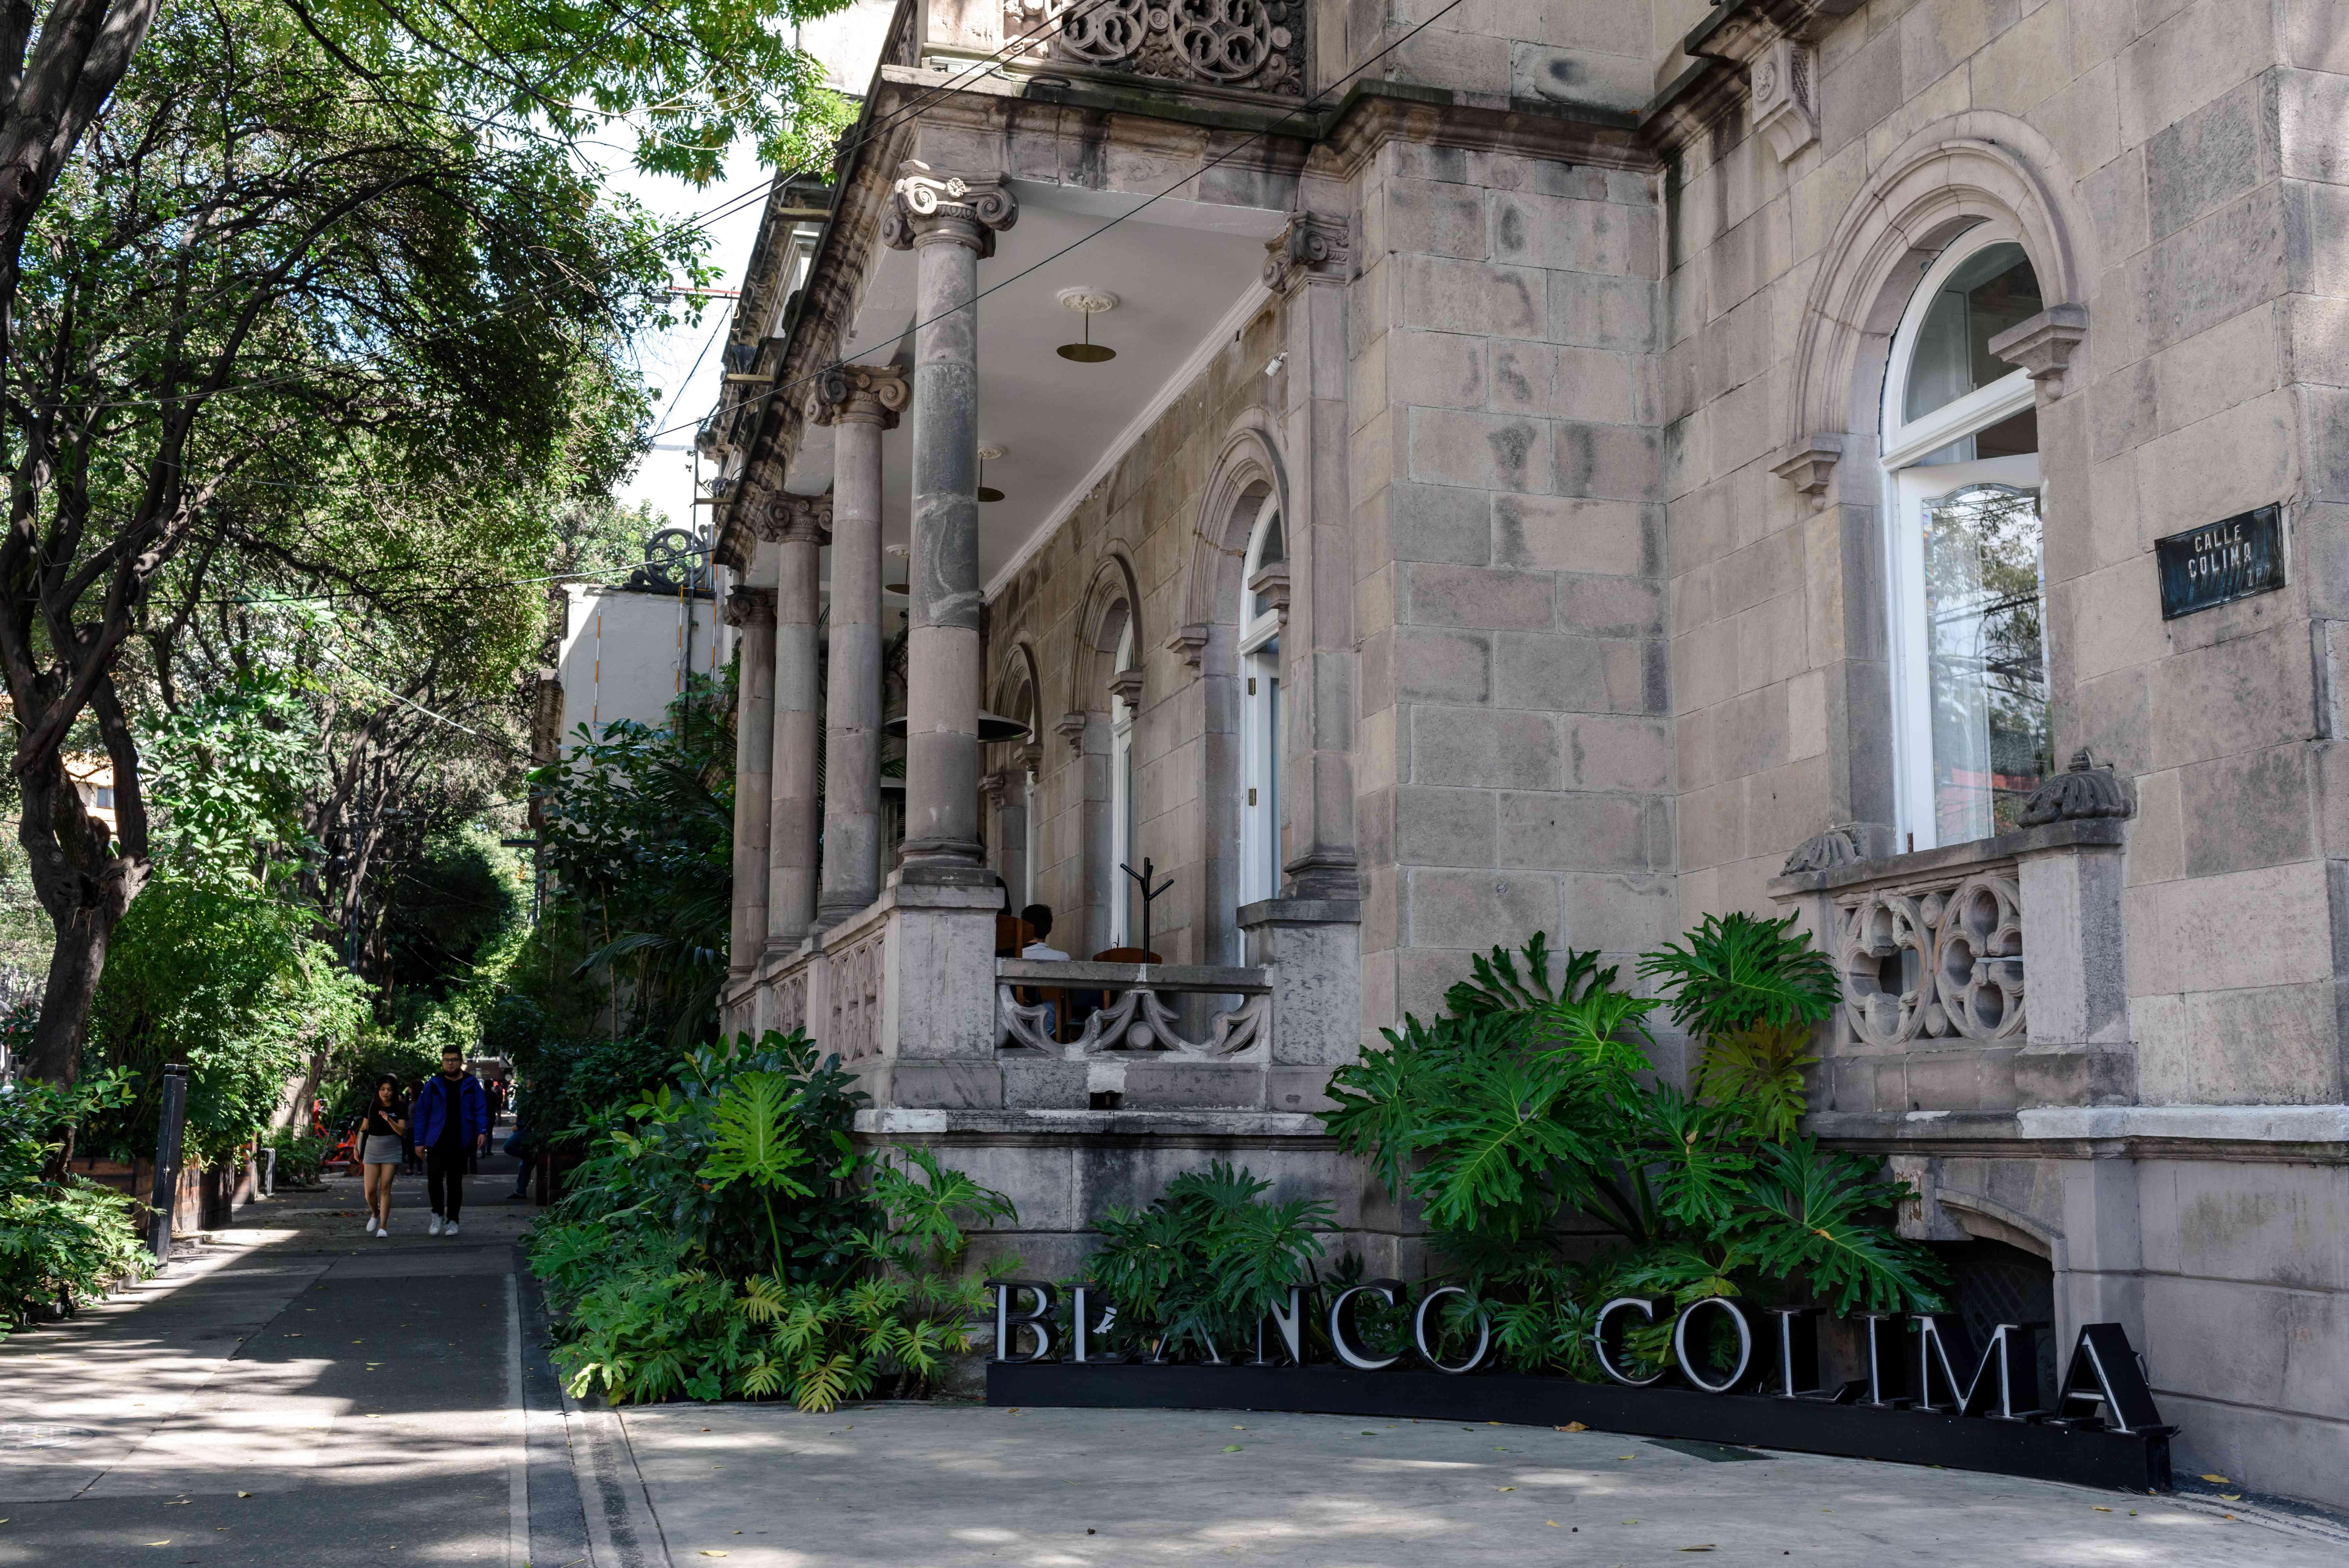 Calle Colima